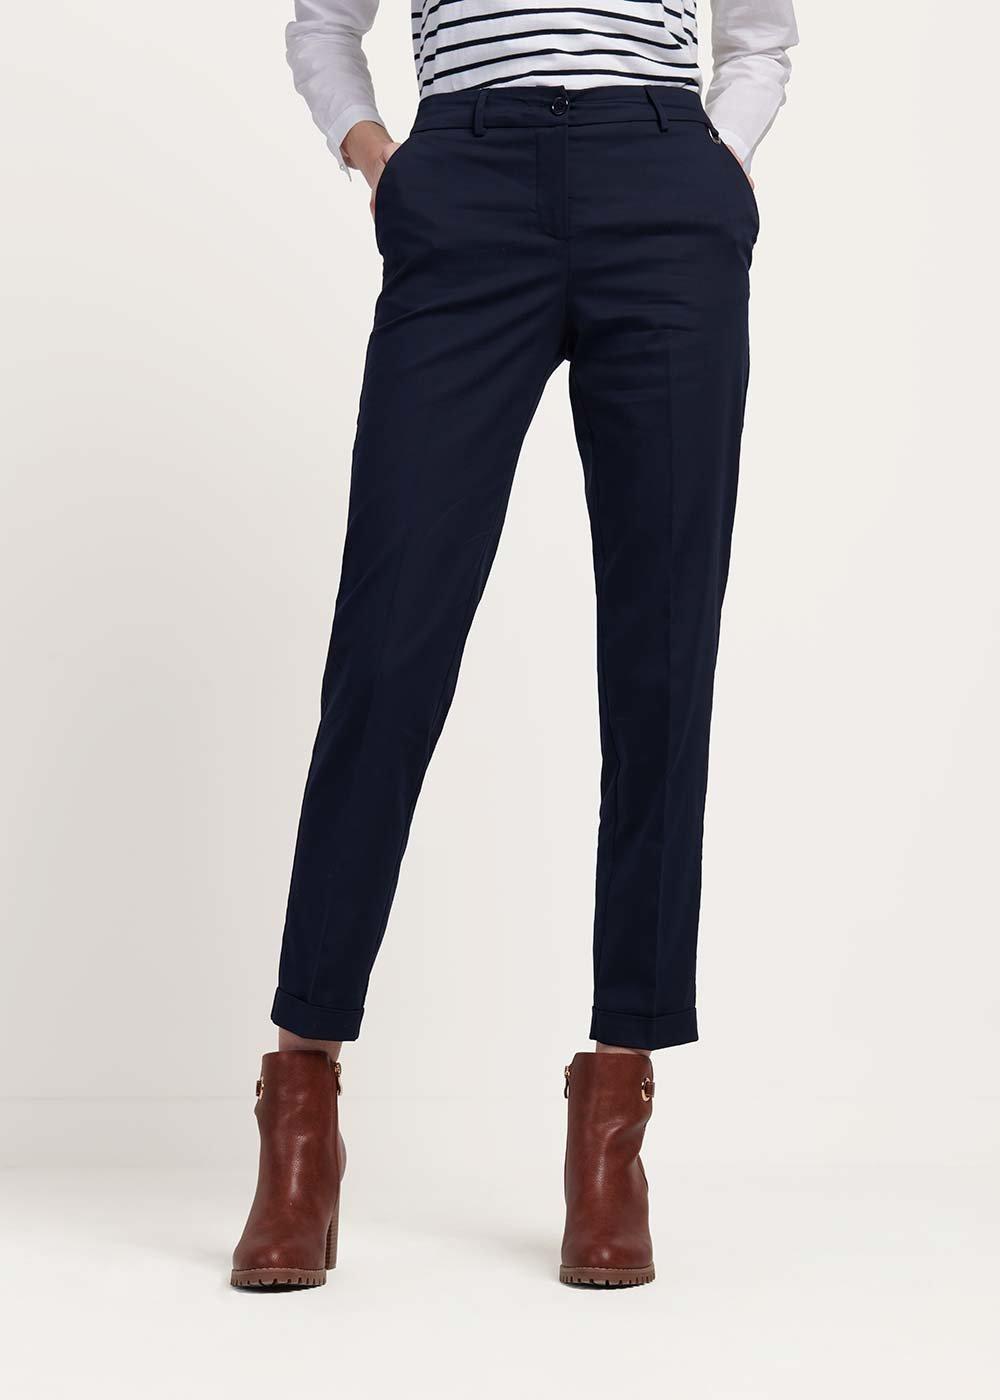 Pantalone modello Bella in cotone - Blu - Donna